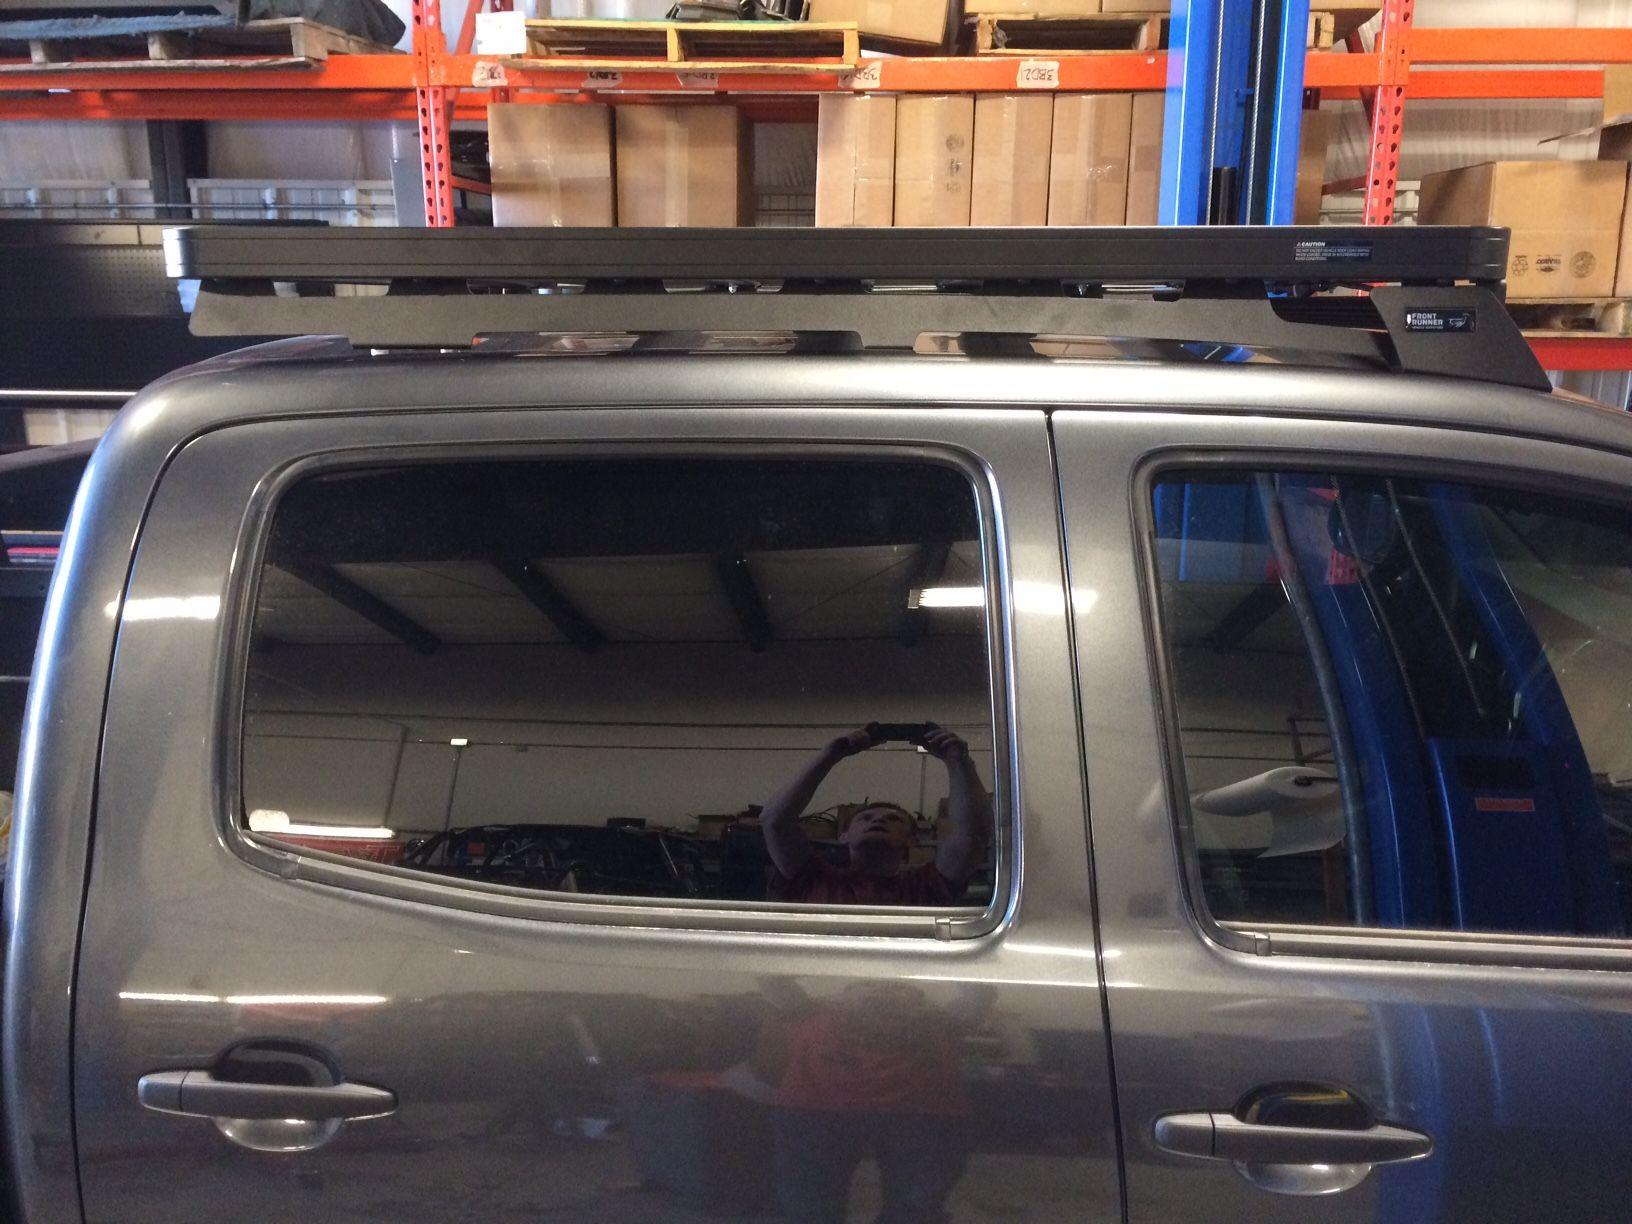 Frontrunner Slimline II roof rack install